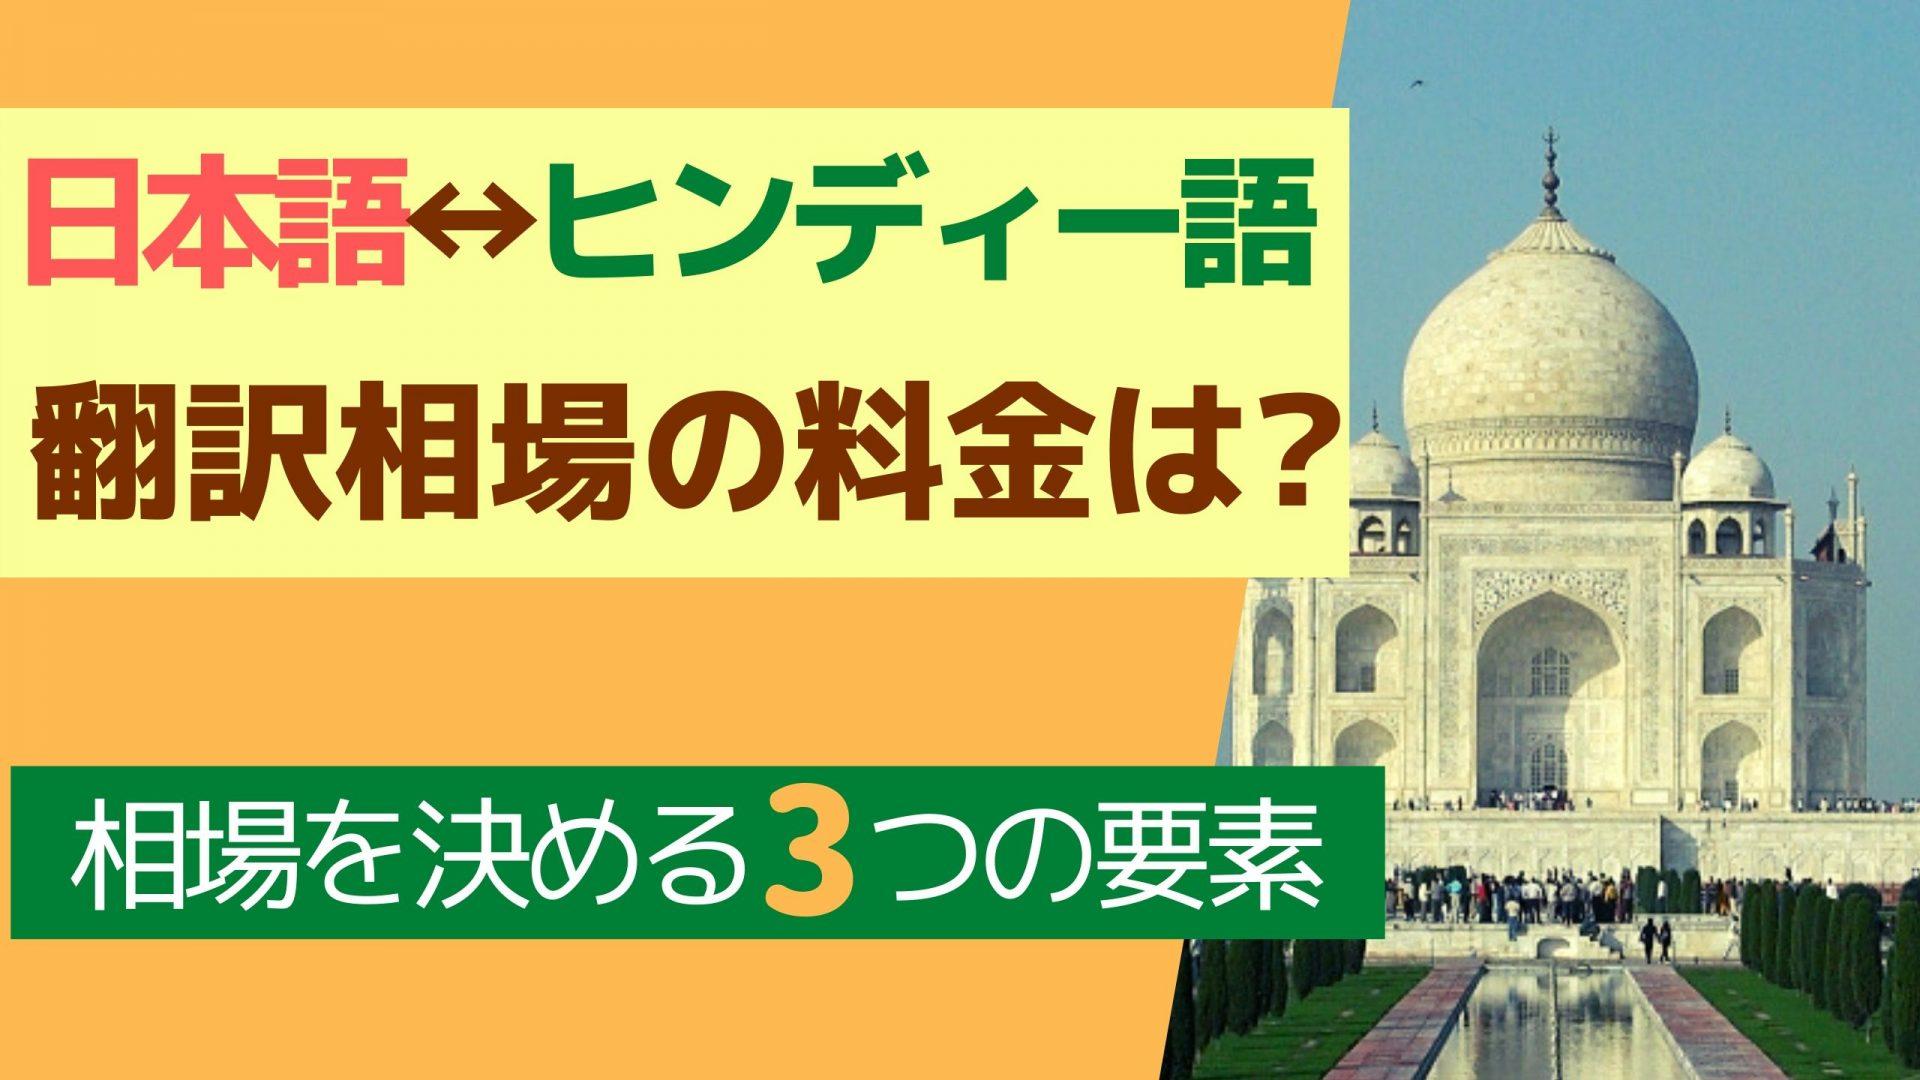 74ce05c1803bdc5c97c961ebc0bef8c6 - 日本語・ヒンディー語間の翻訳の料金相場・単価はいくら?